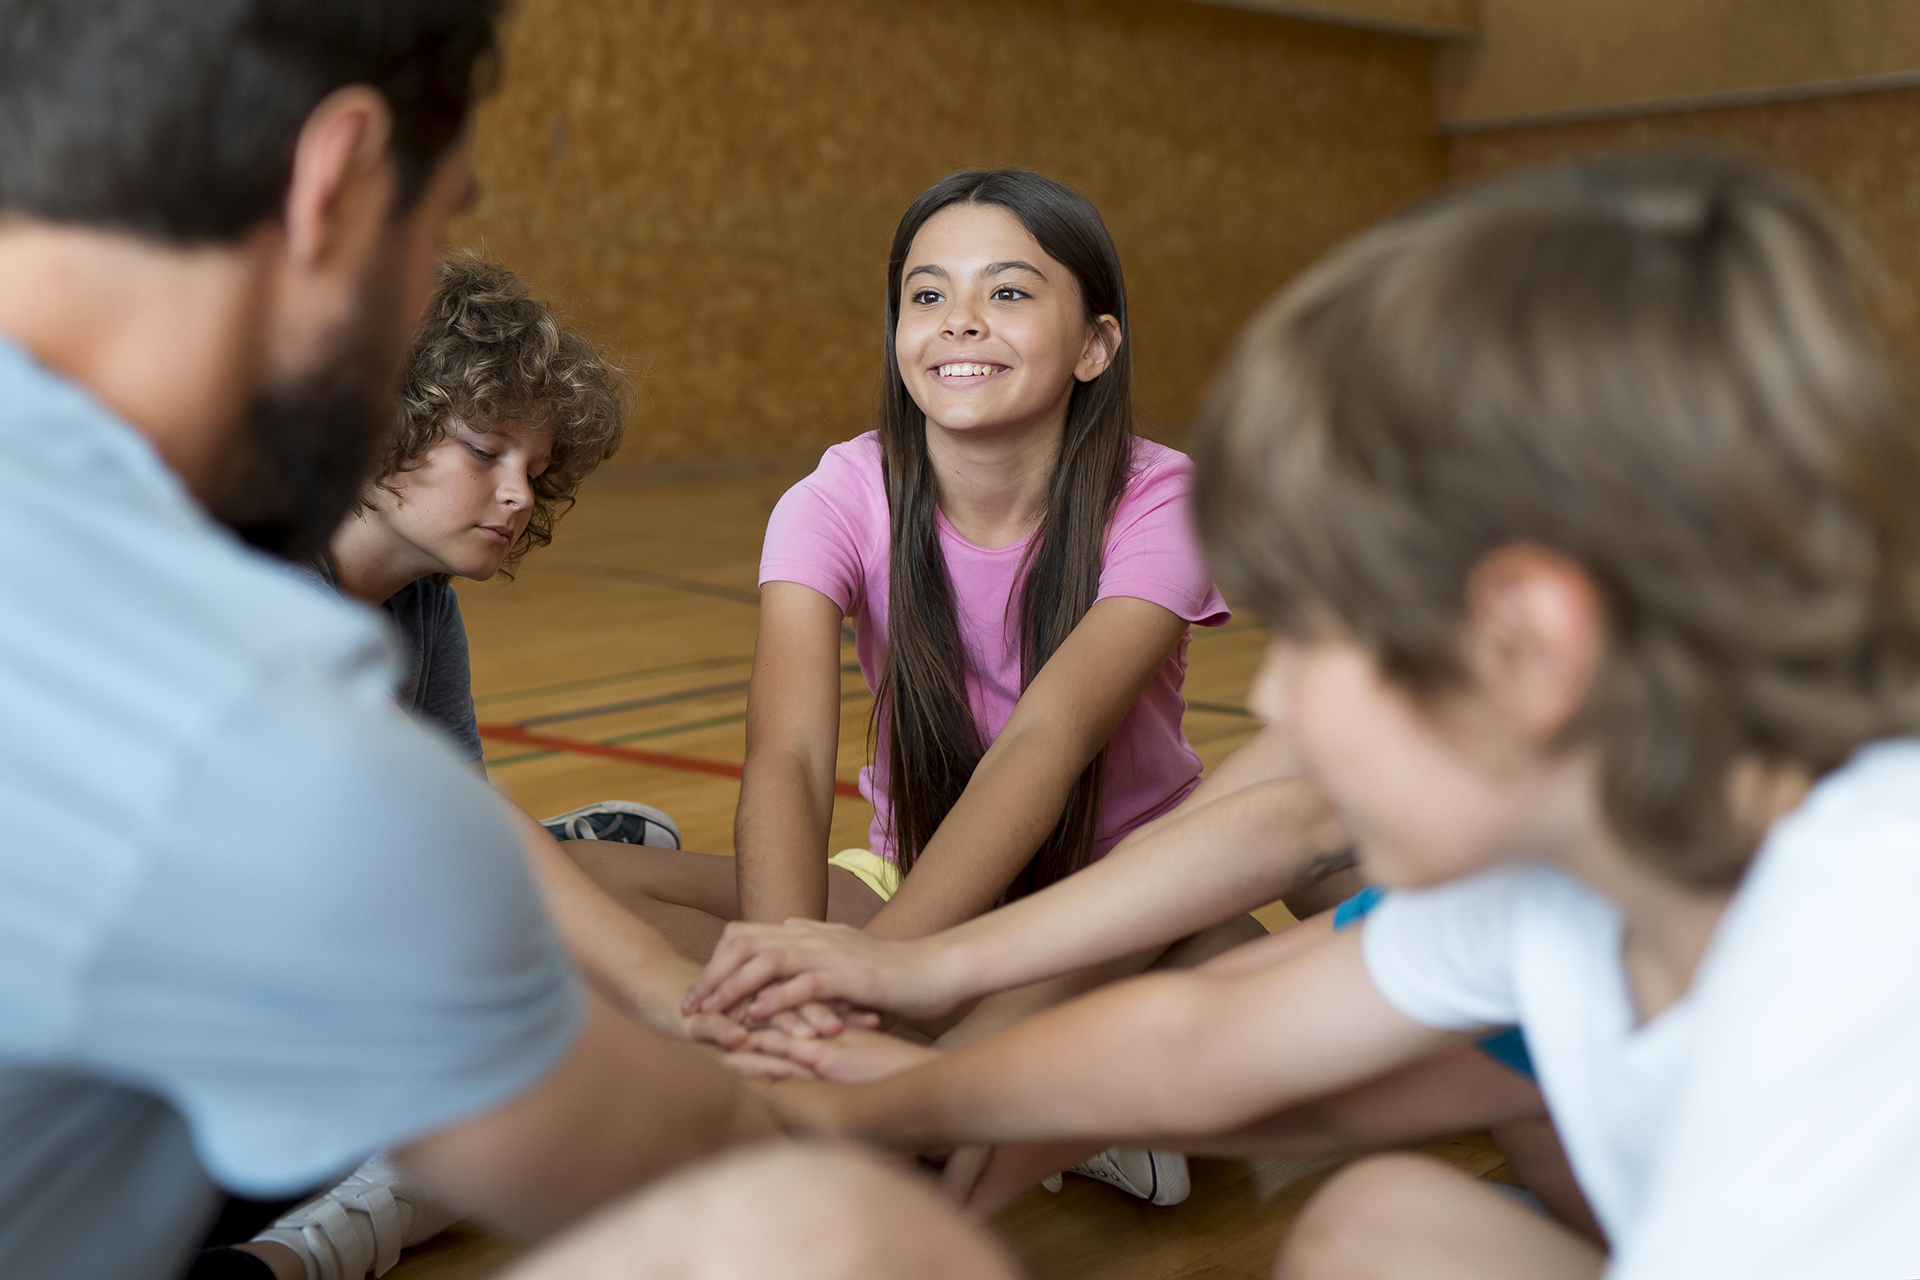 Vacinação contra COVID-19 em adolescentes com 12-15 anos